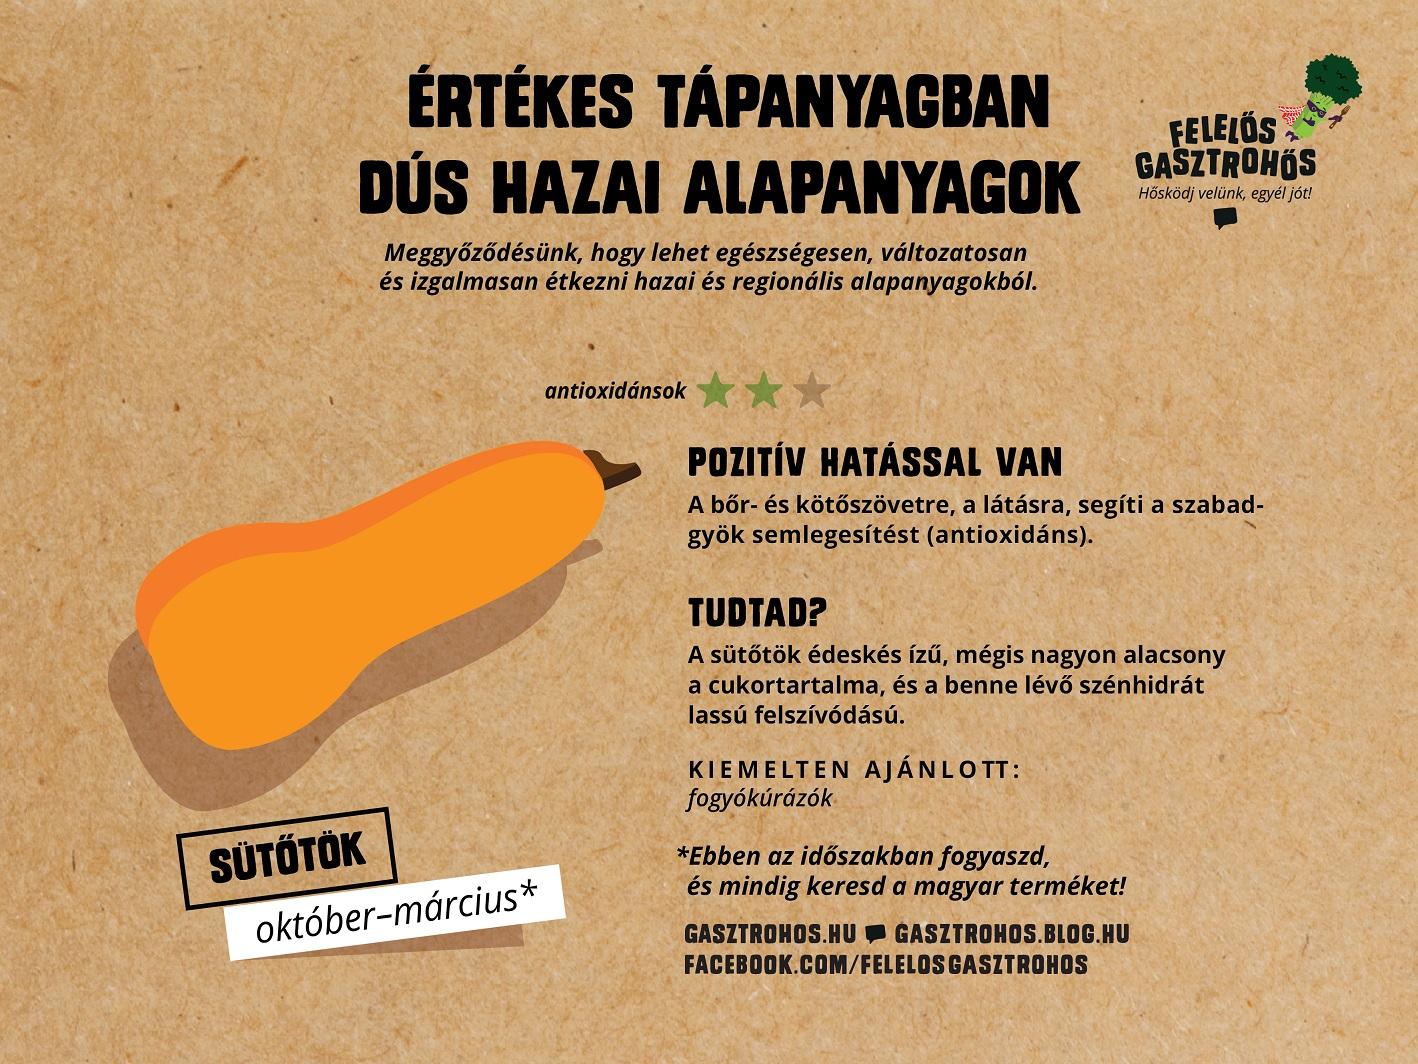 gasztrohos-superfood-kis-superfoodok-infografika-facebook-20.jpg